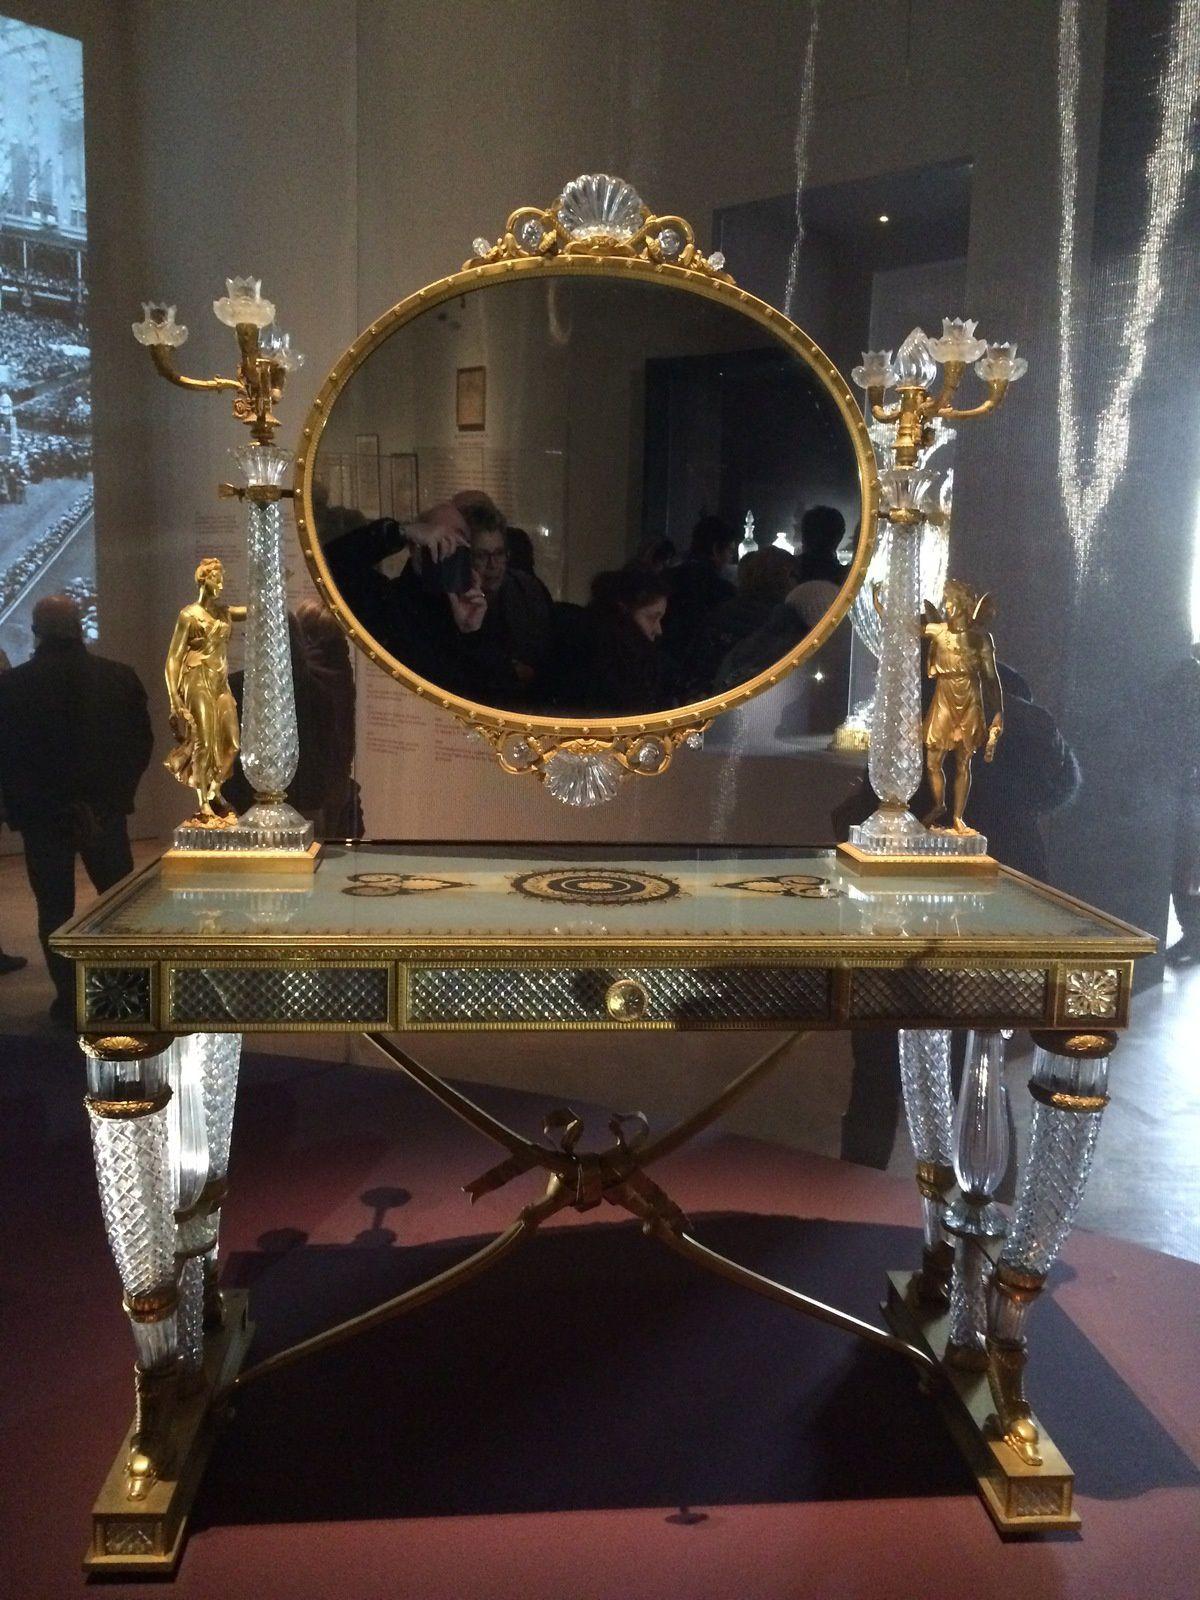 fauteuil antique et  toilette de la duchesse de Berri acheté en 1820